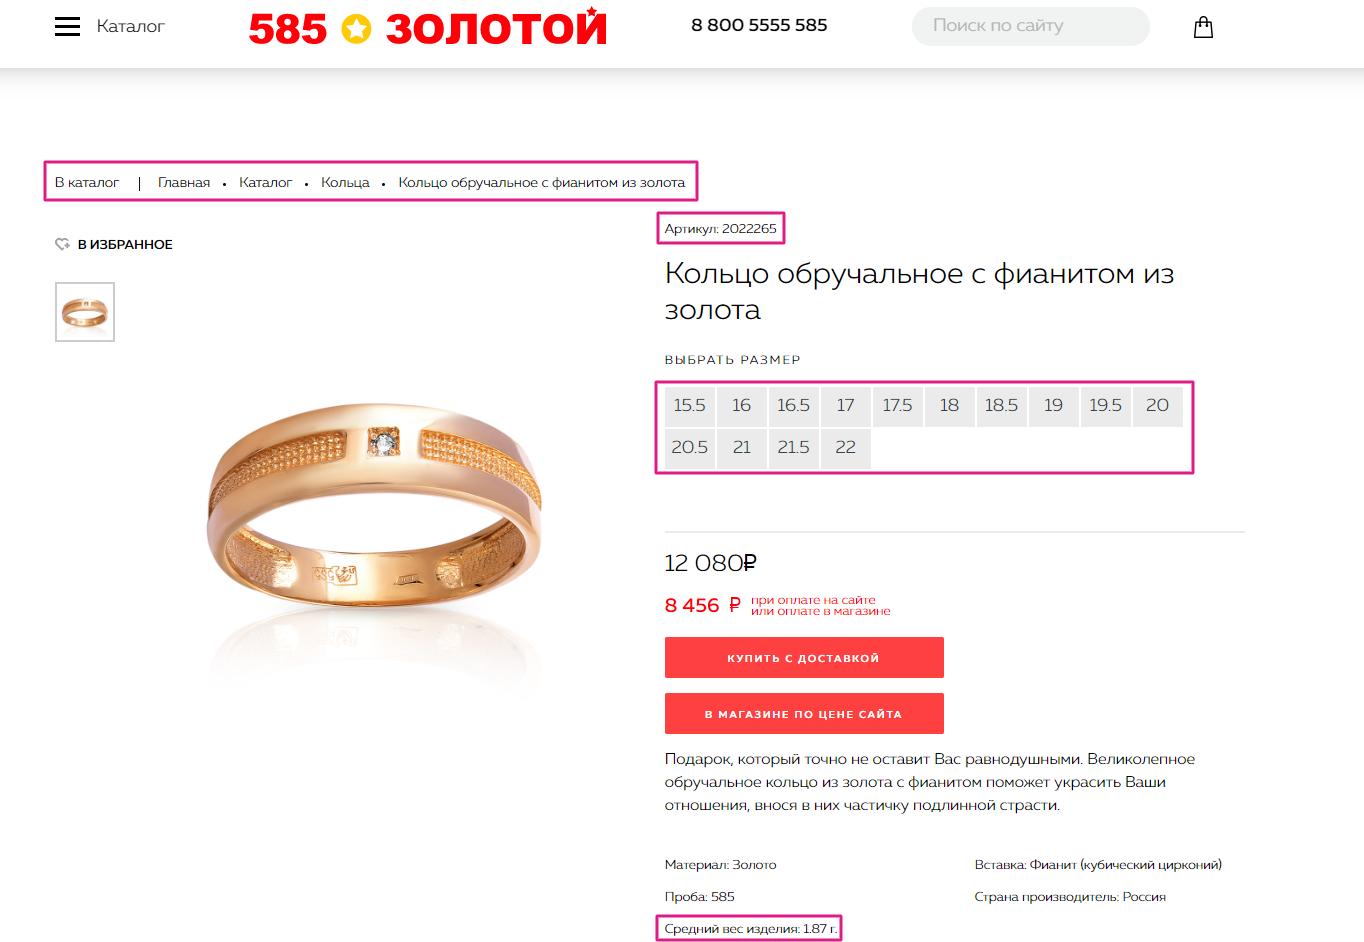 Парсинг ювелирного магазина 585 Золотой